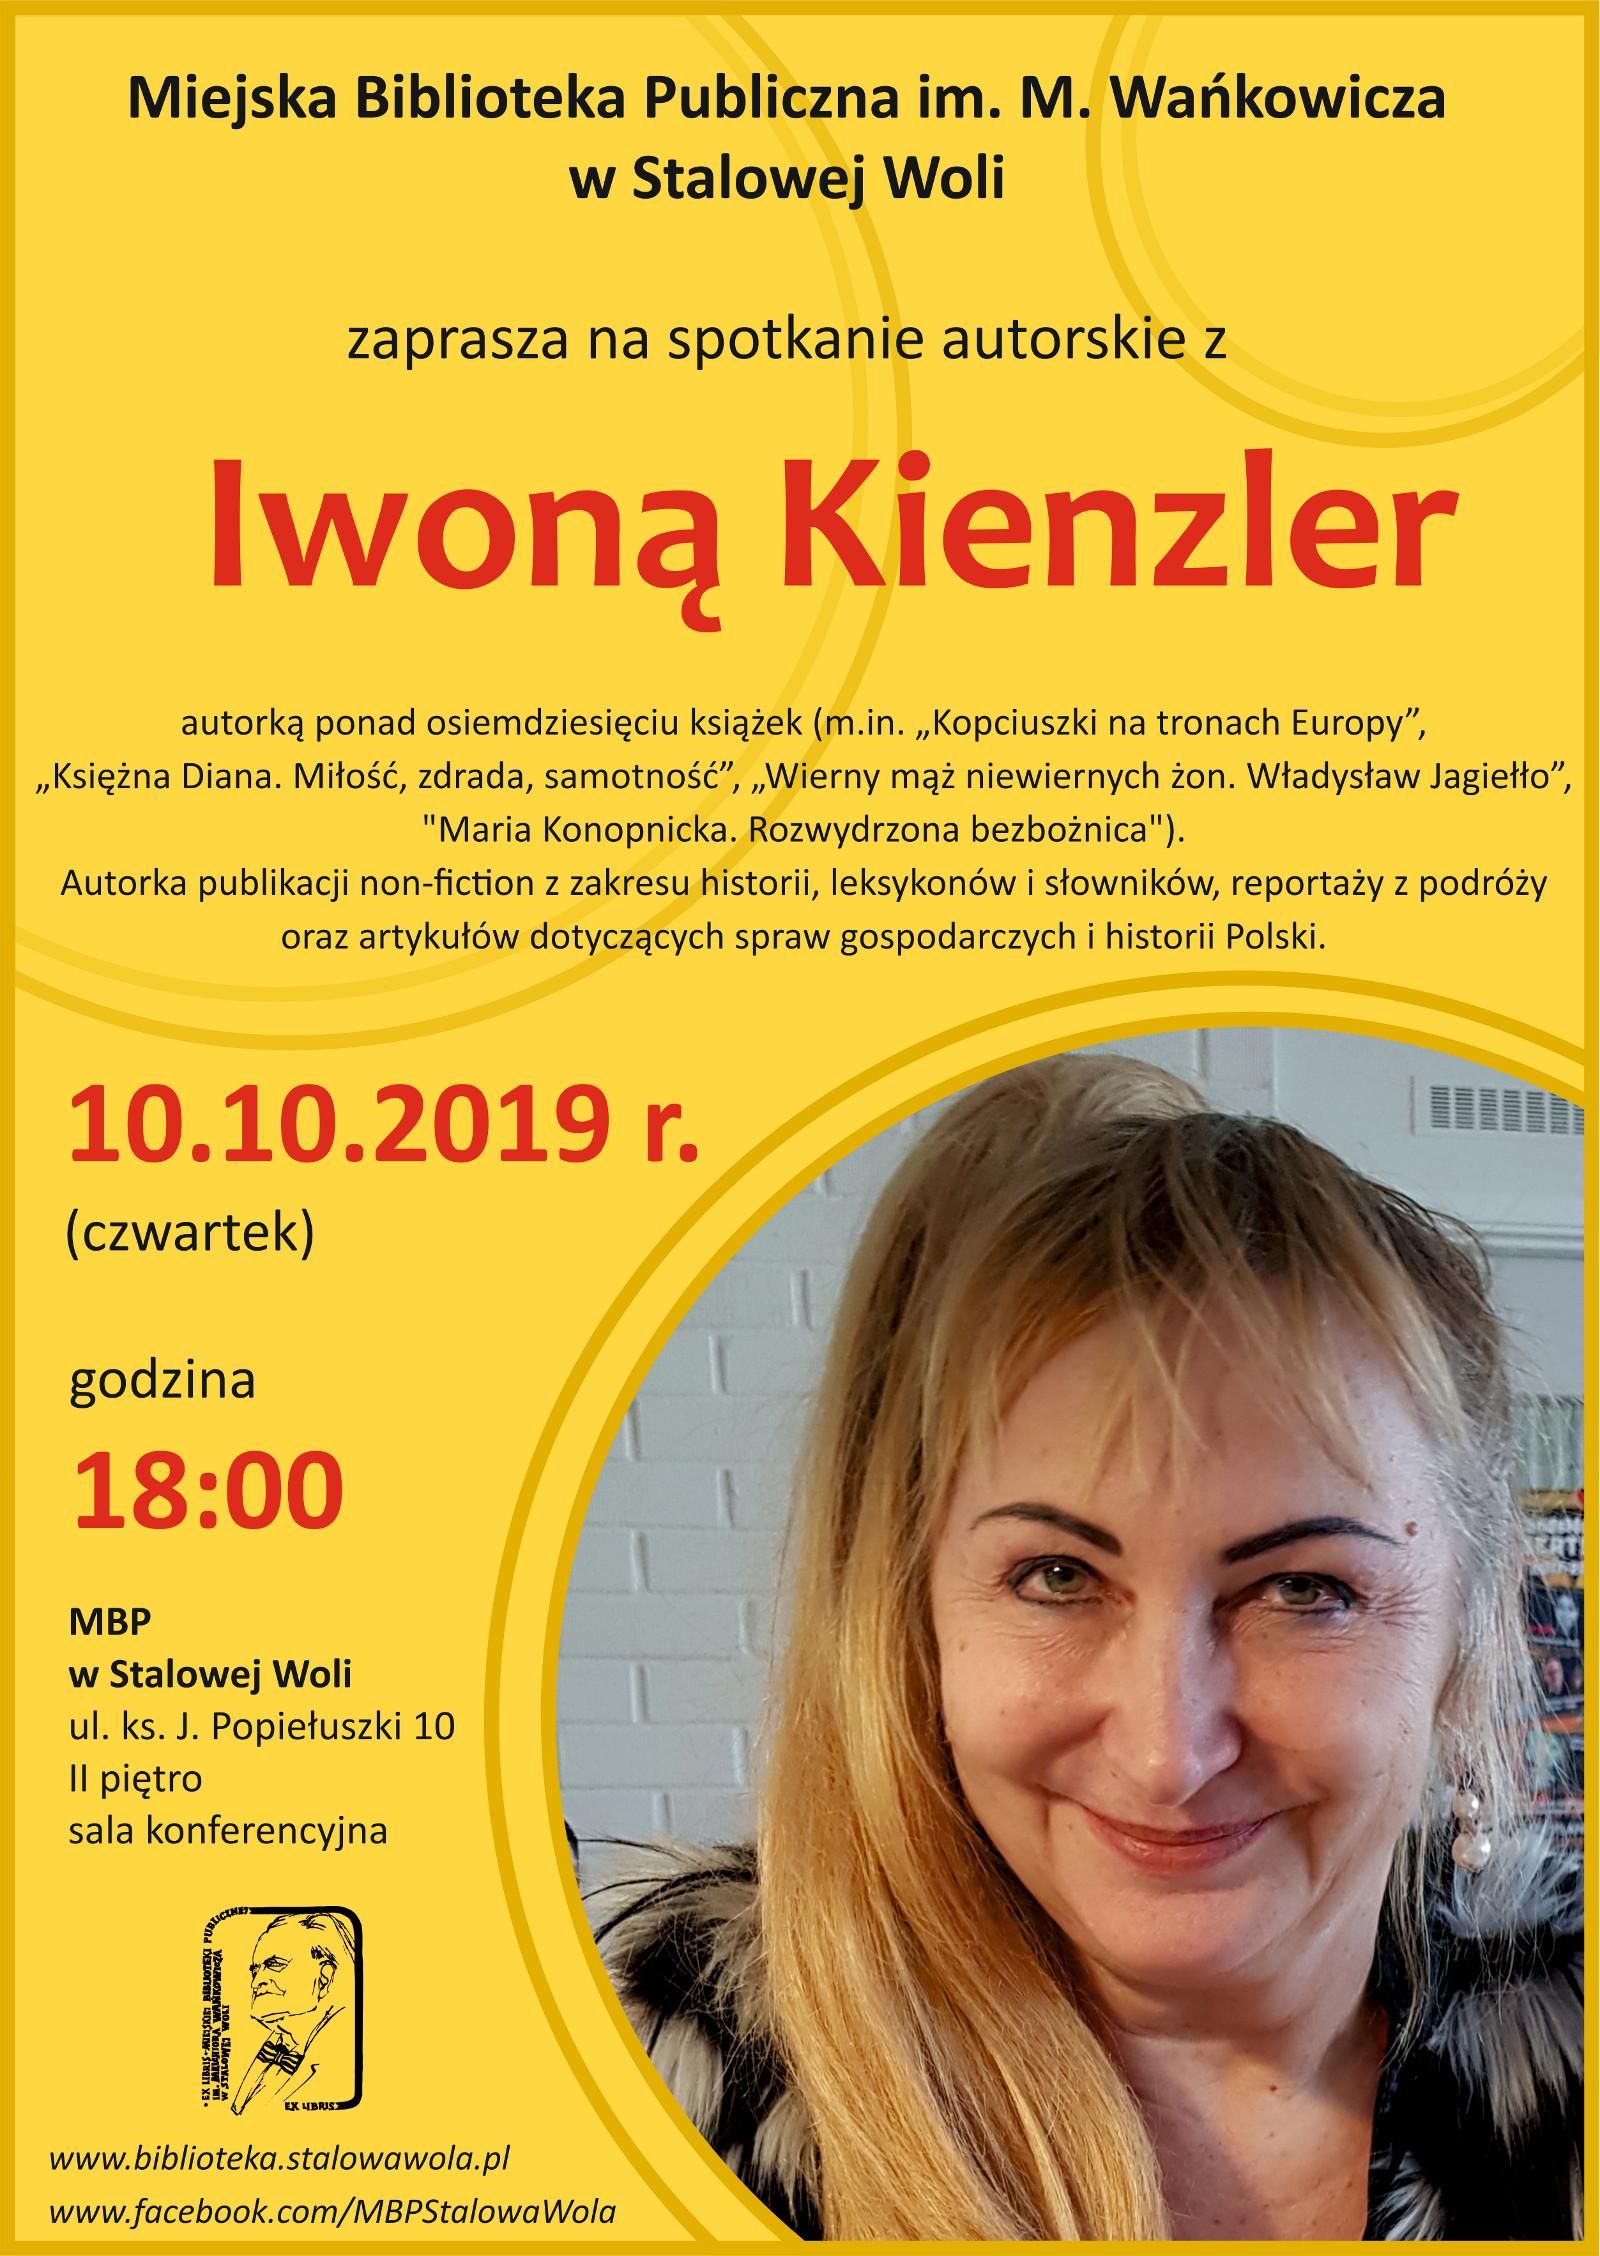 Spotkanie autorskie z Iwoną Kienzler